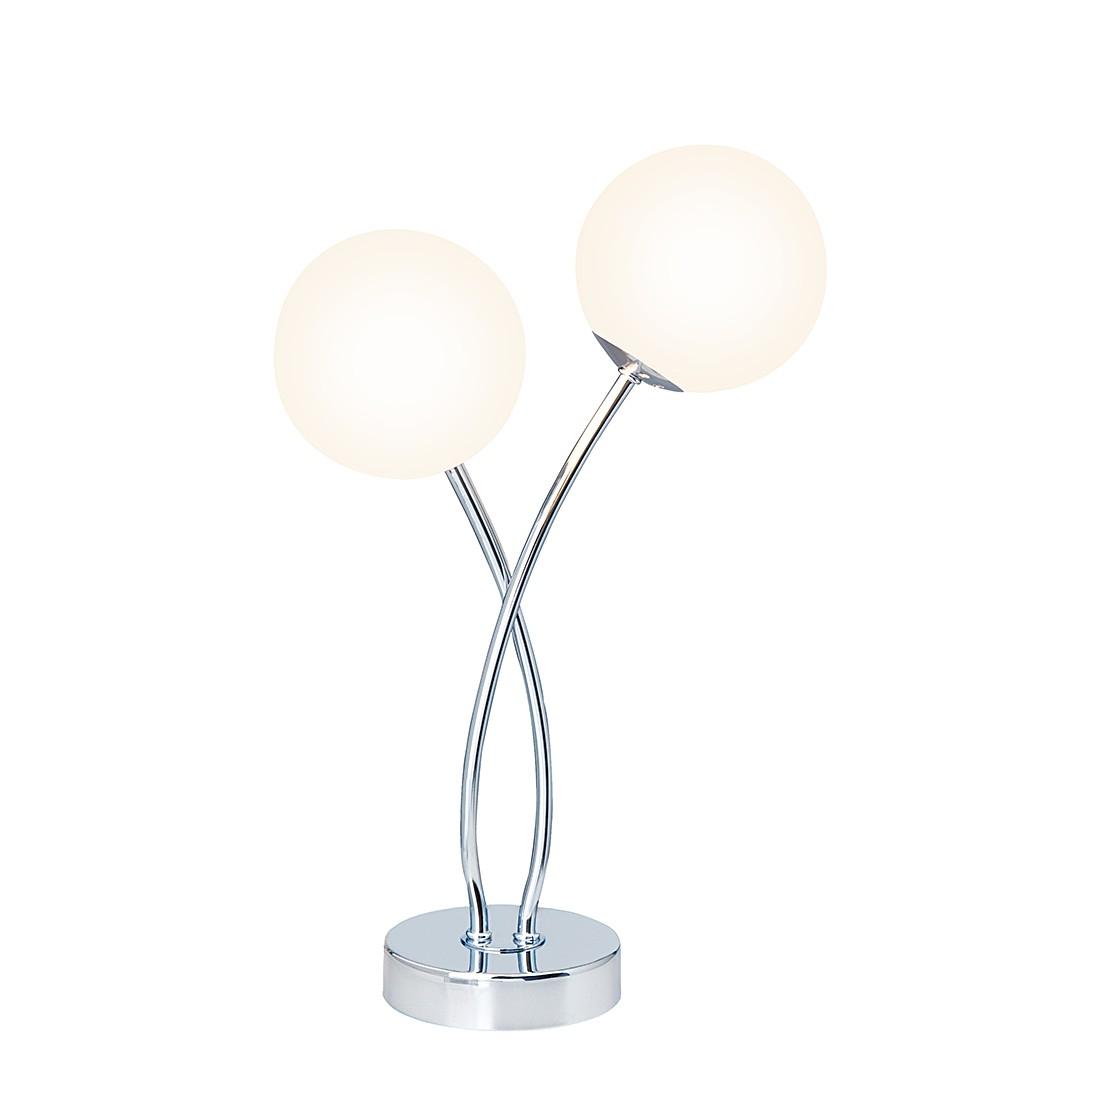 Tisch- & Standleuchten Sally ● Metall/Glas ● Silber ● 2-flammig- Brilliant A++